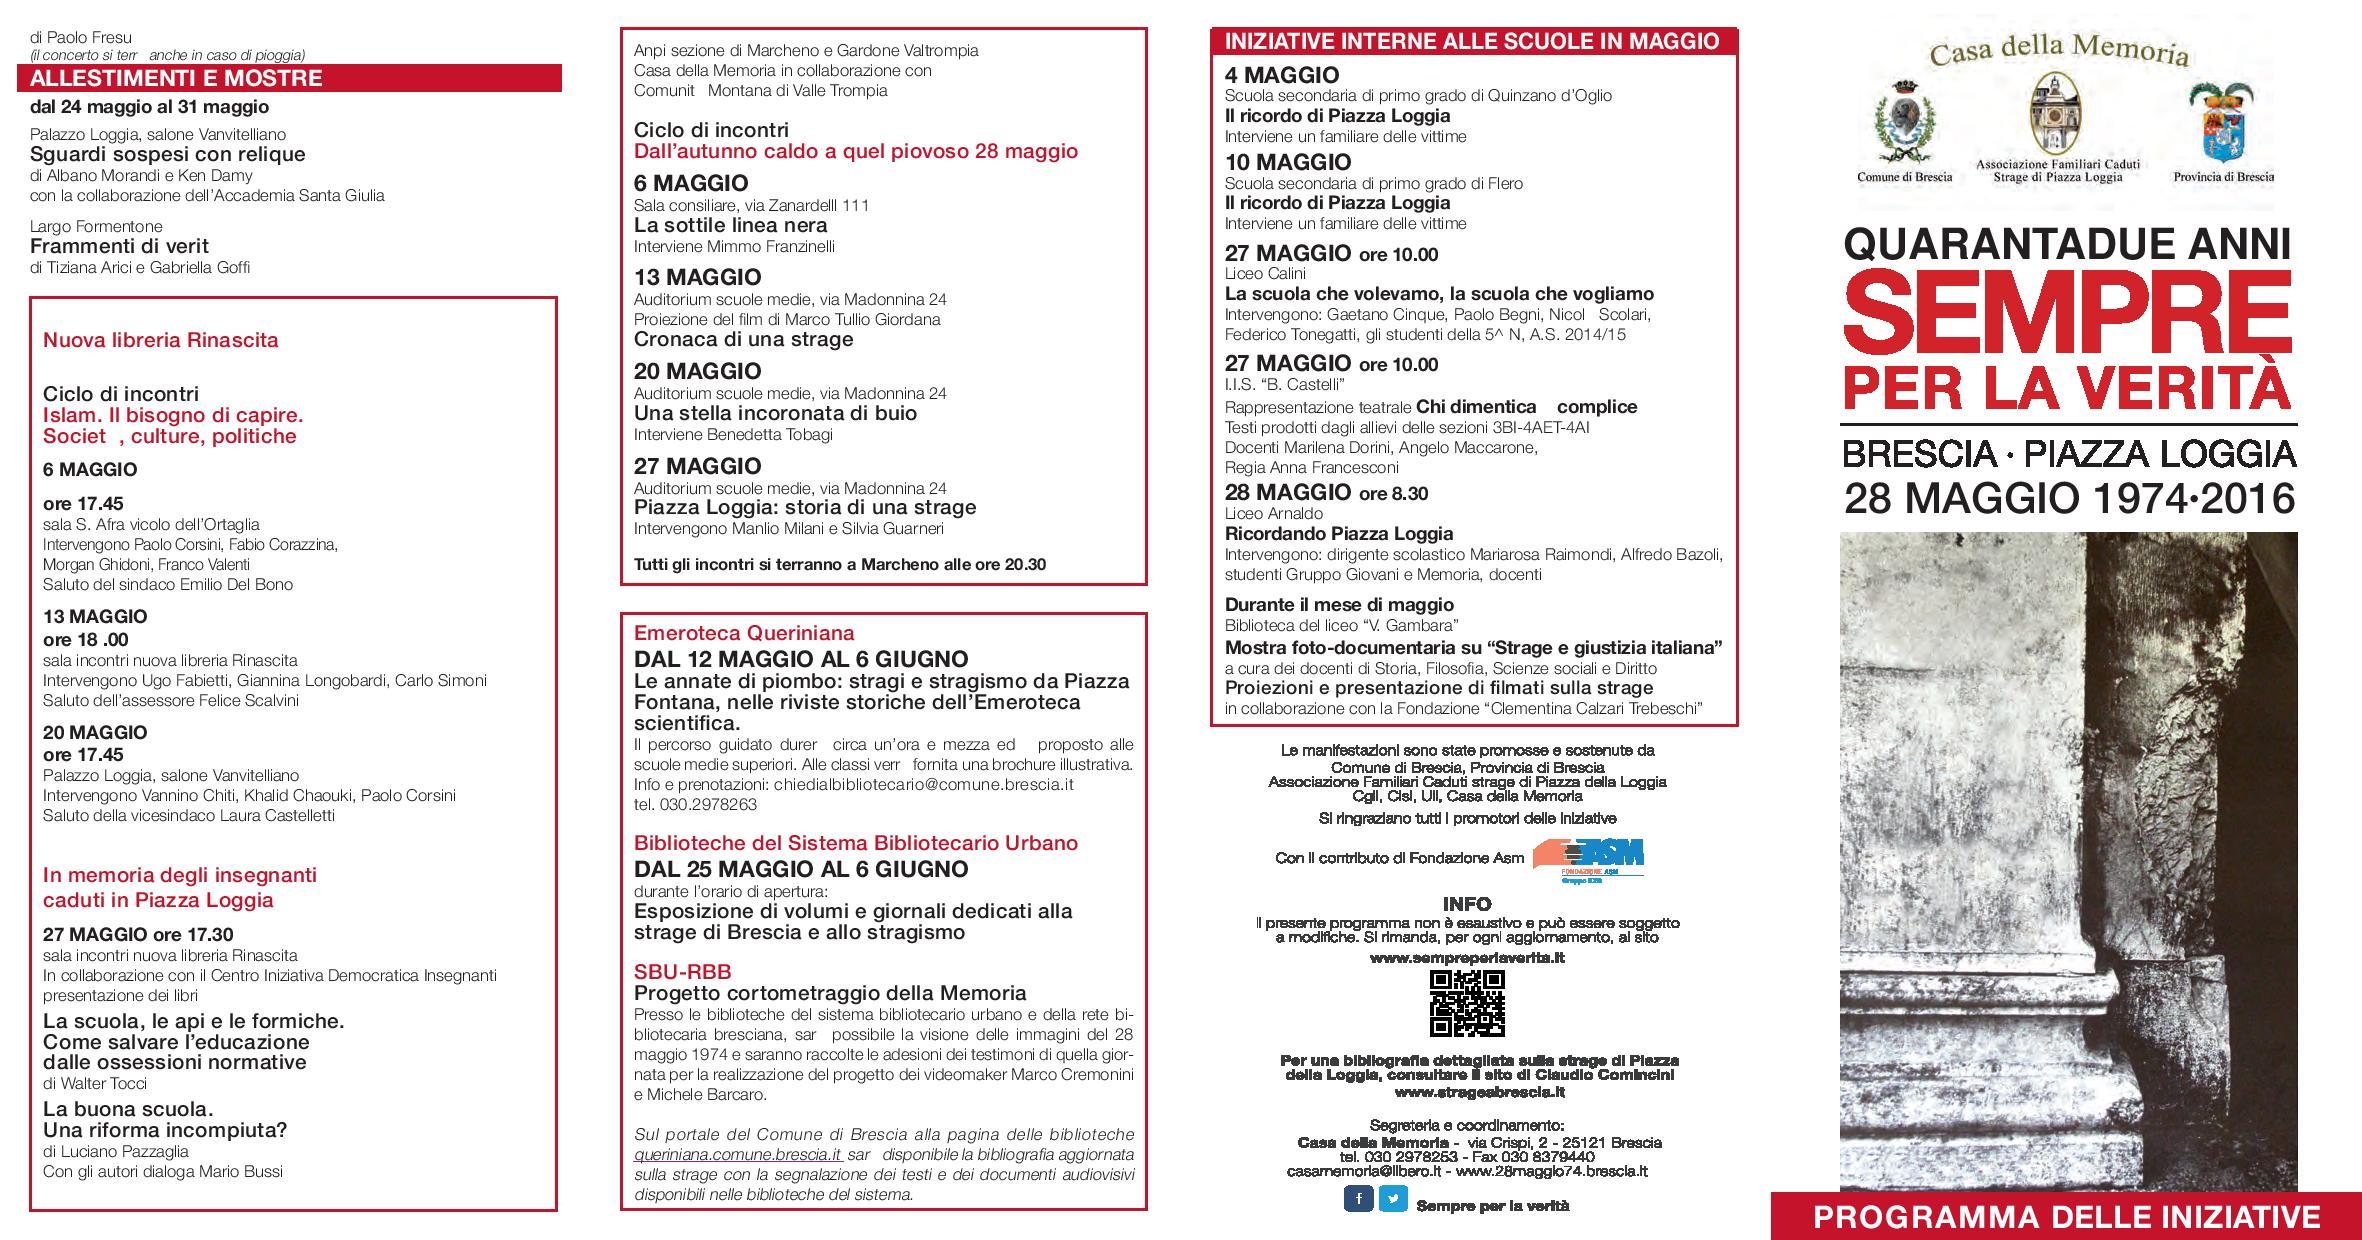 Programma 42° anniversario strage piazza Loggia-page-001